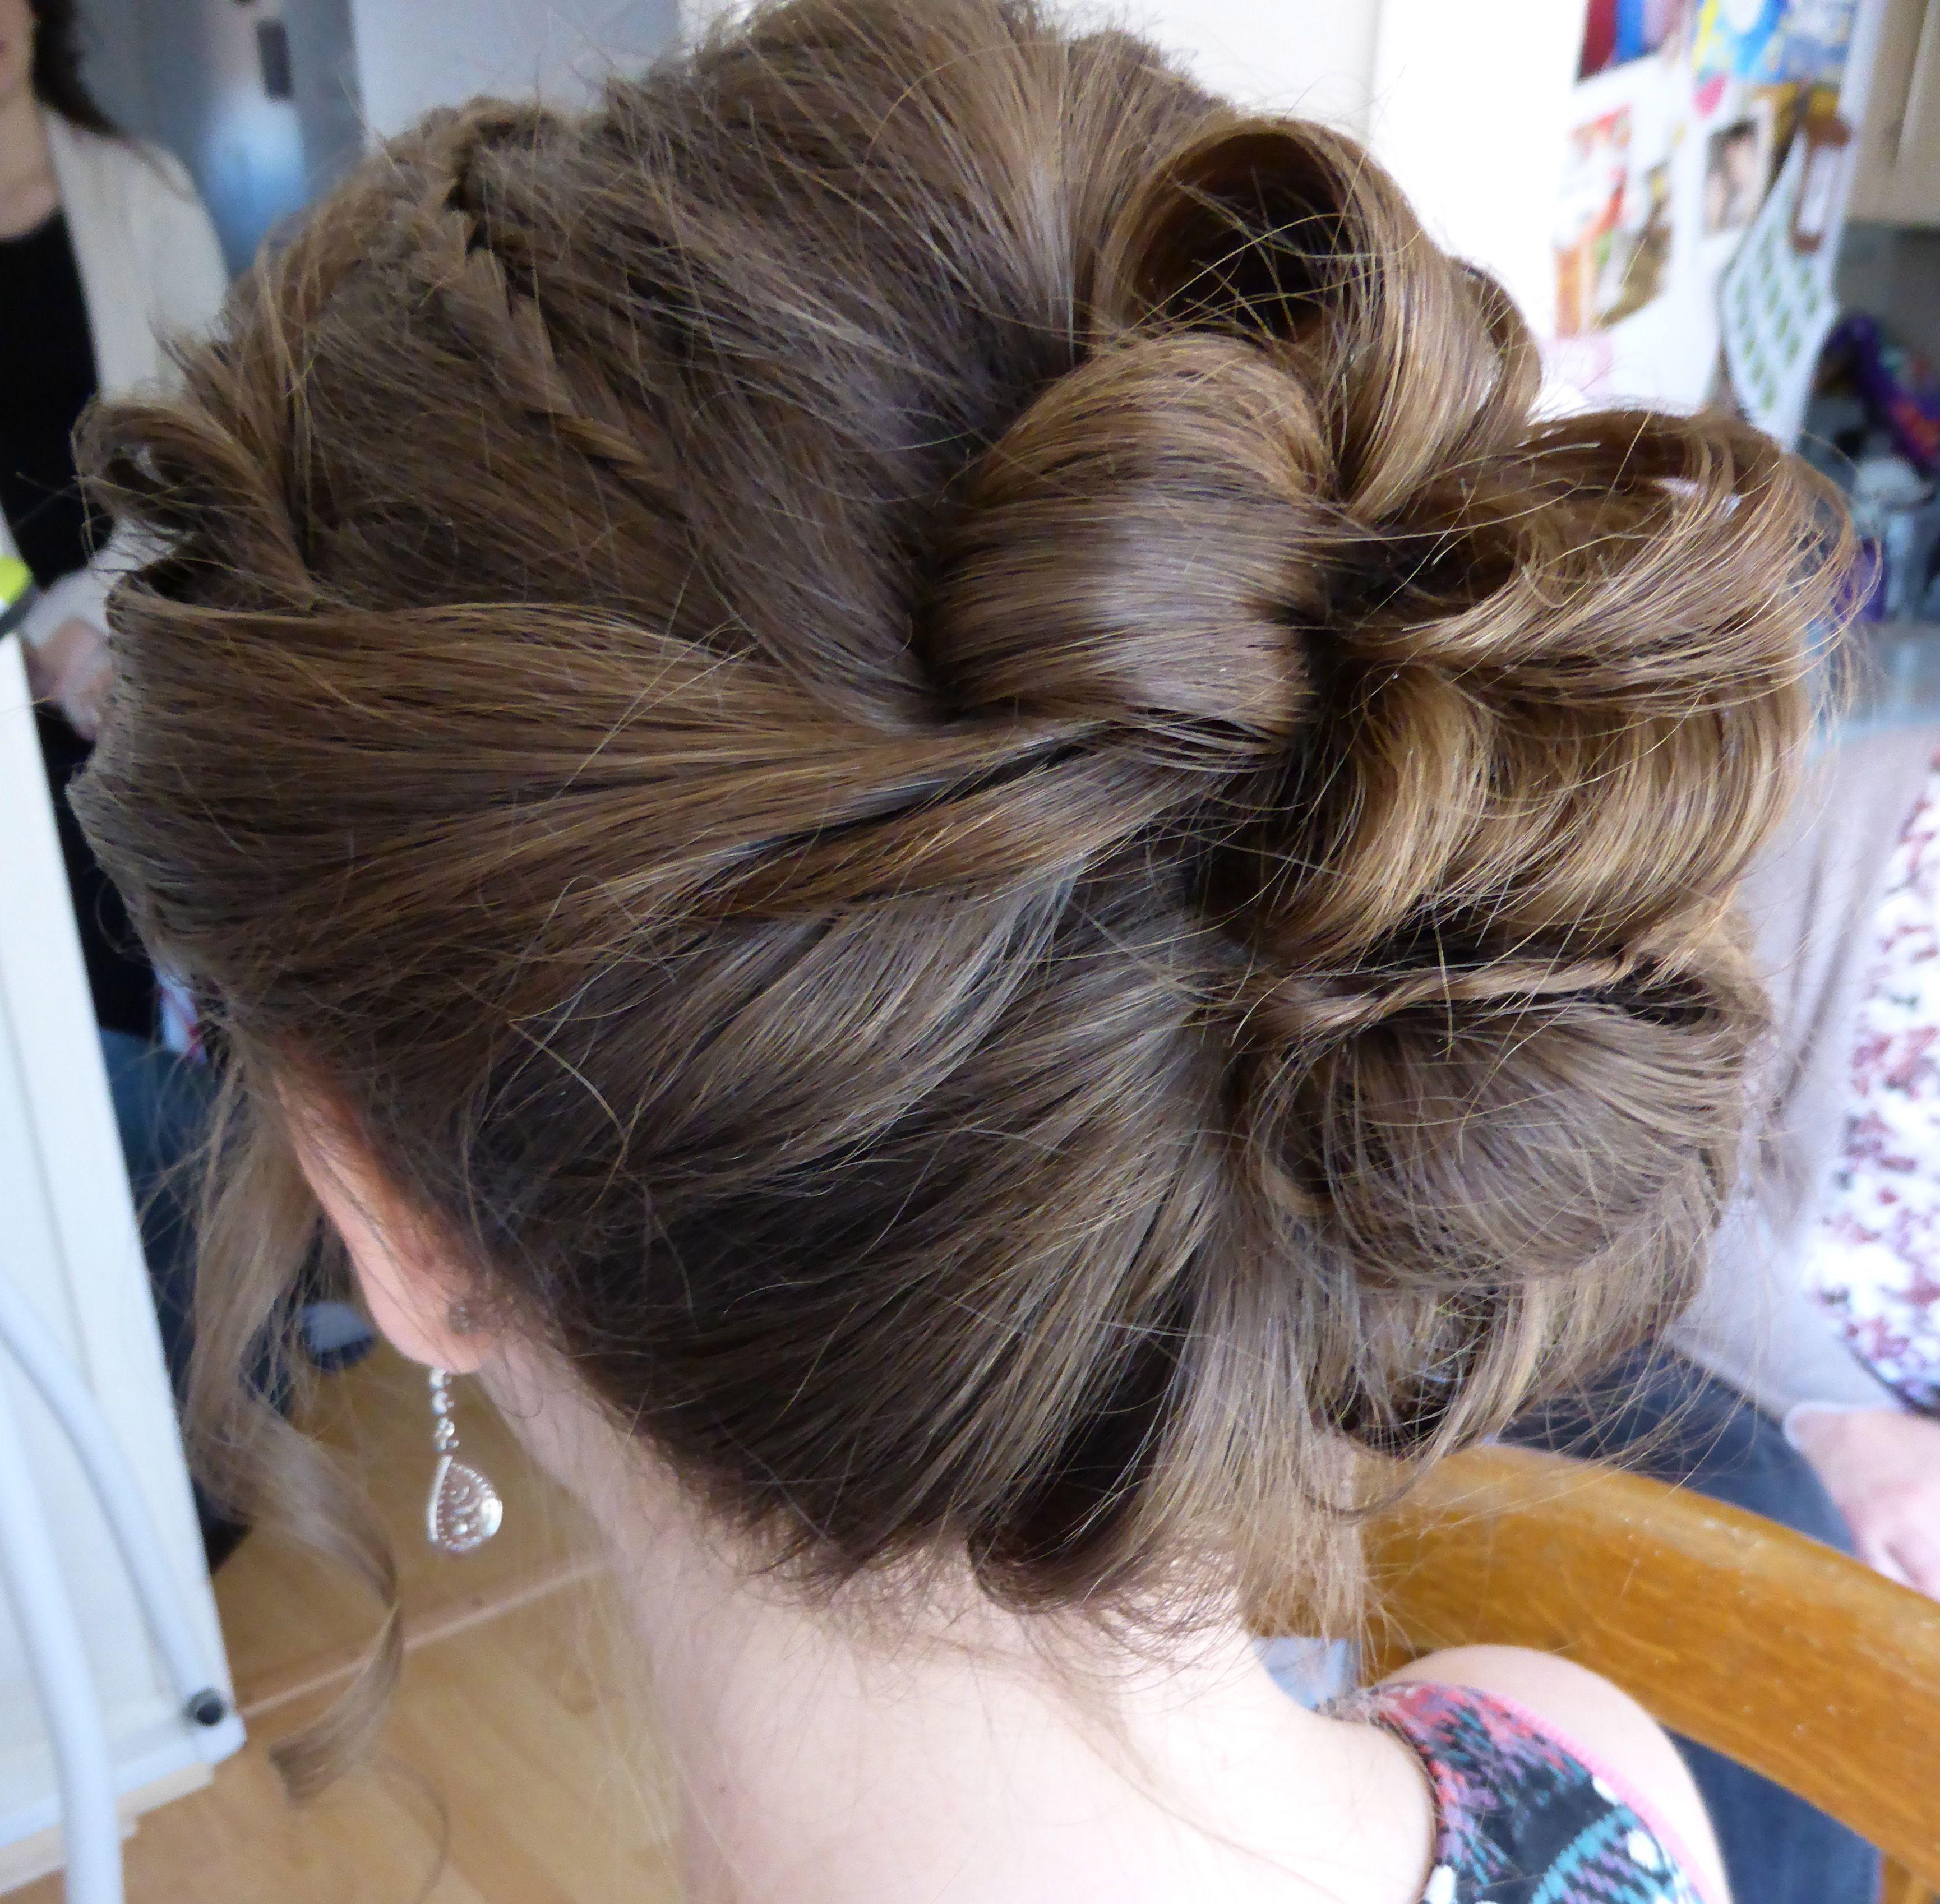 Bridal Trial For Heather Www.hairbynickymckenzie.co.uk